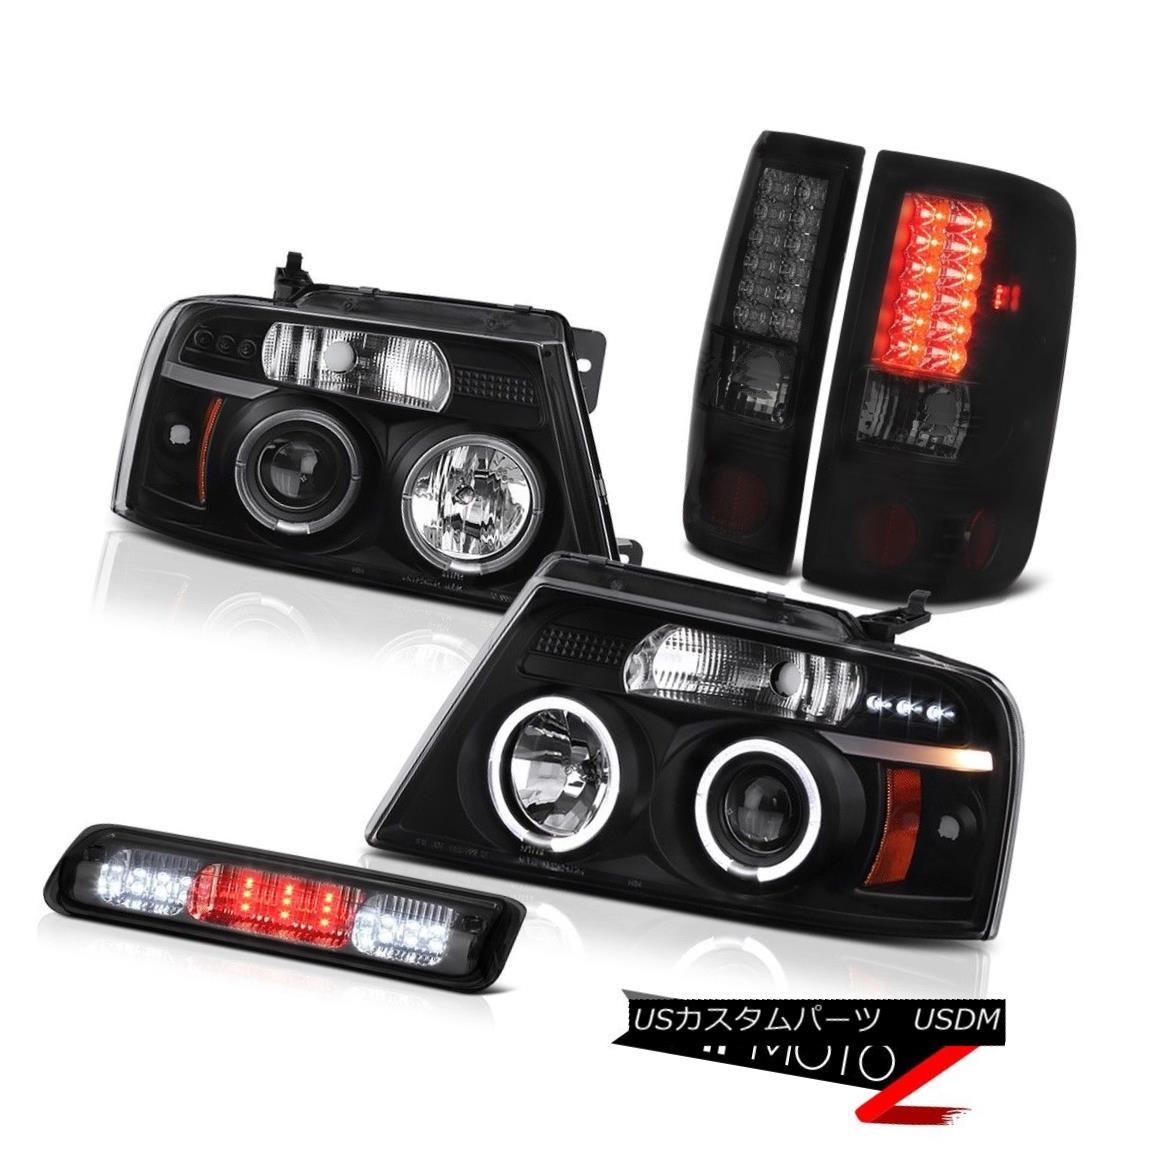 テールライト 04-08 Ford F150 FX4 Third Brake Light Projector Headlamps Taillamps Dual Halo 04-08 Ford F150 FX4第3ブレーキライトプロジェクターヘッドランプトライアングルデュアルヘイロー